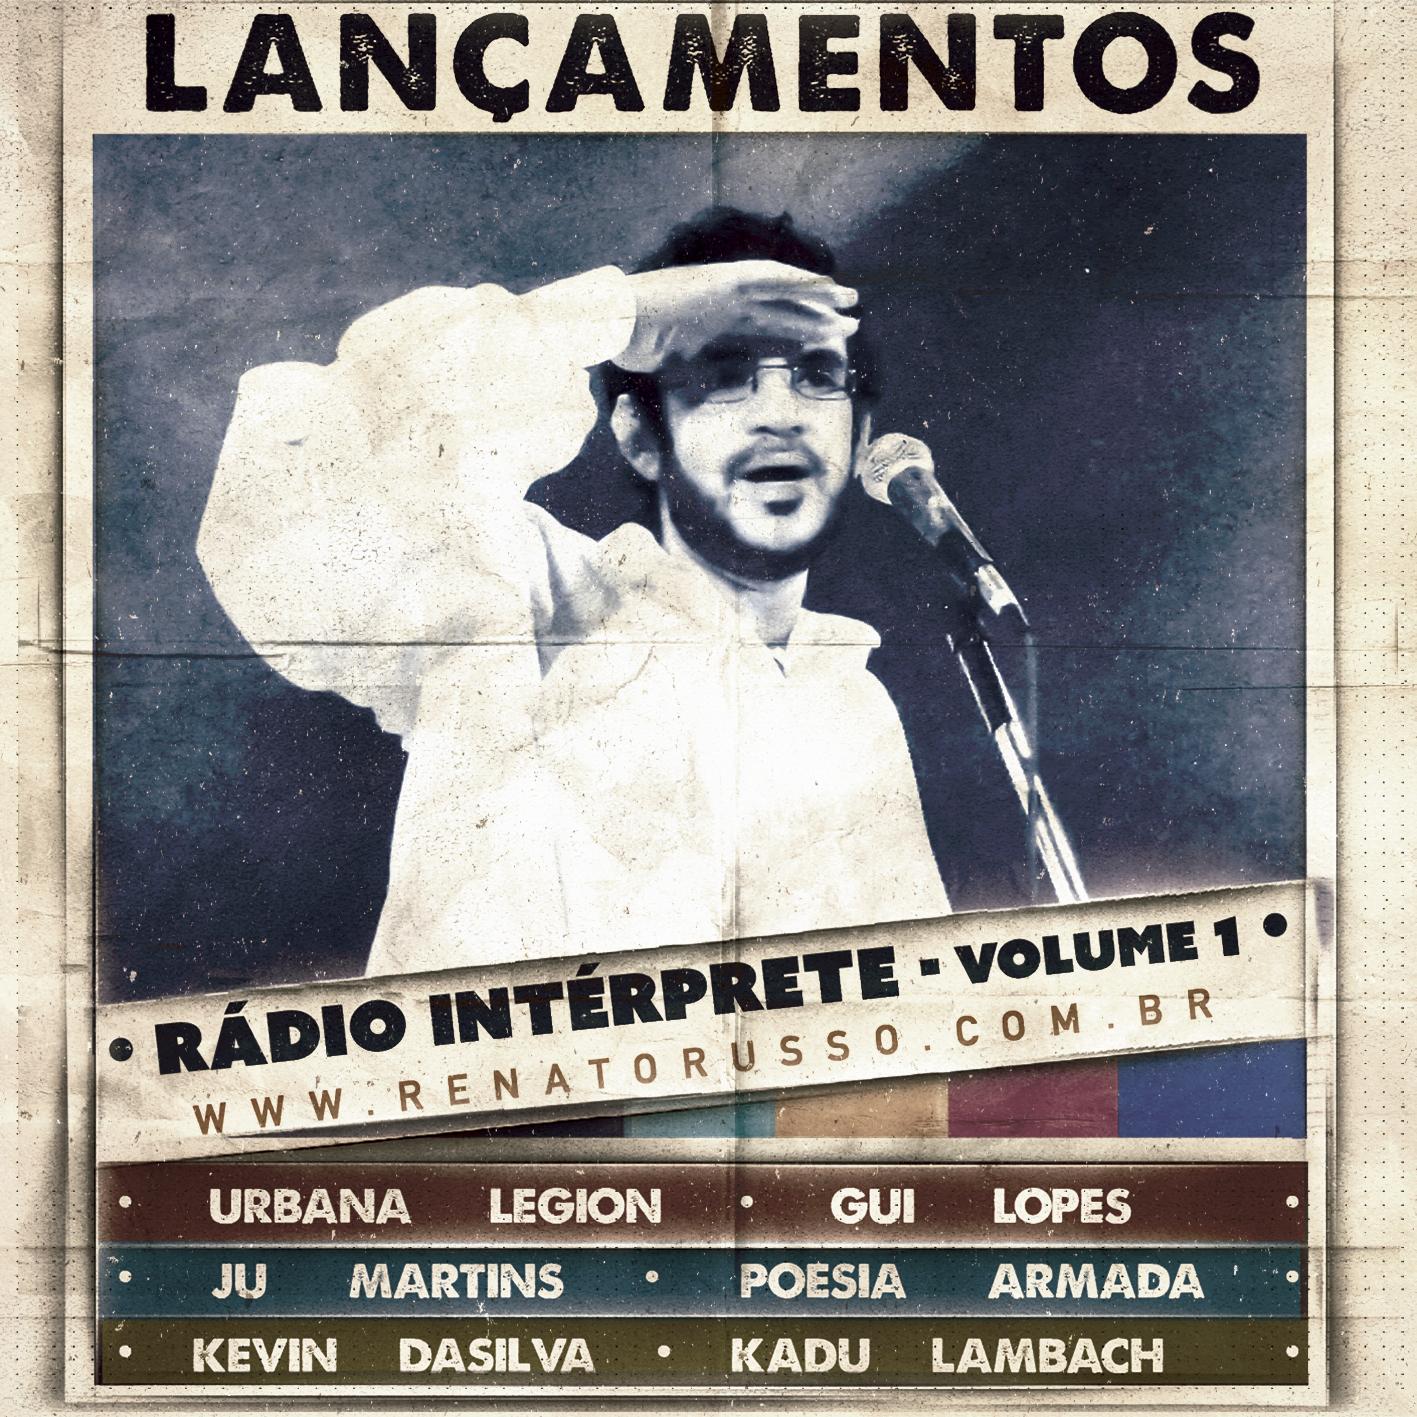 CD relembra Renato Russo em seu aniversário